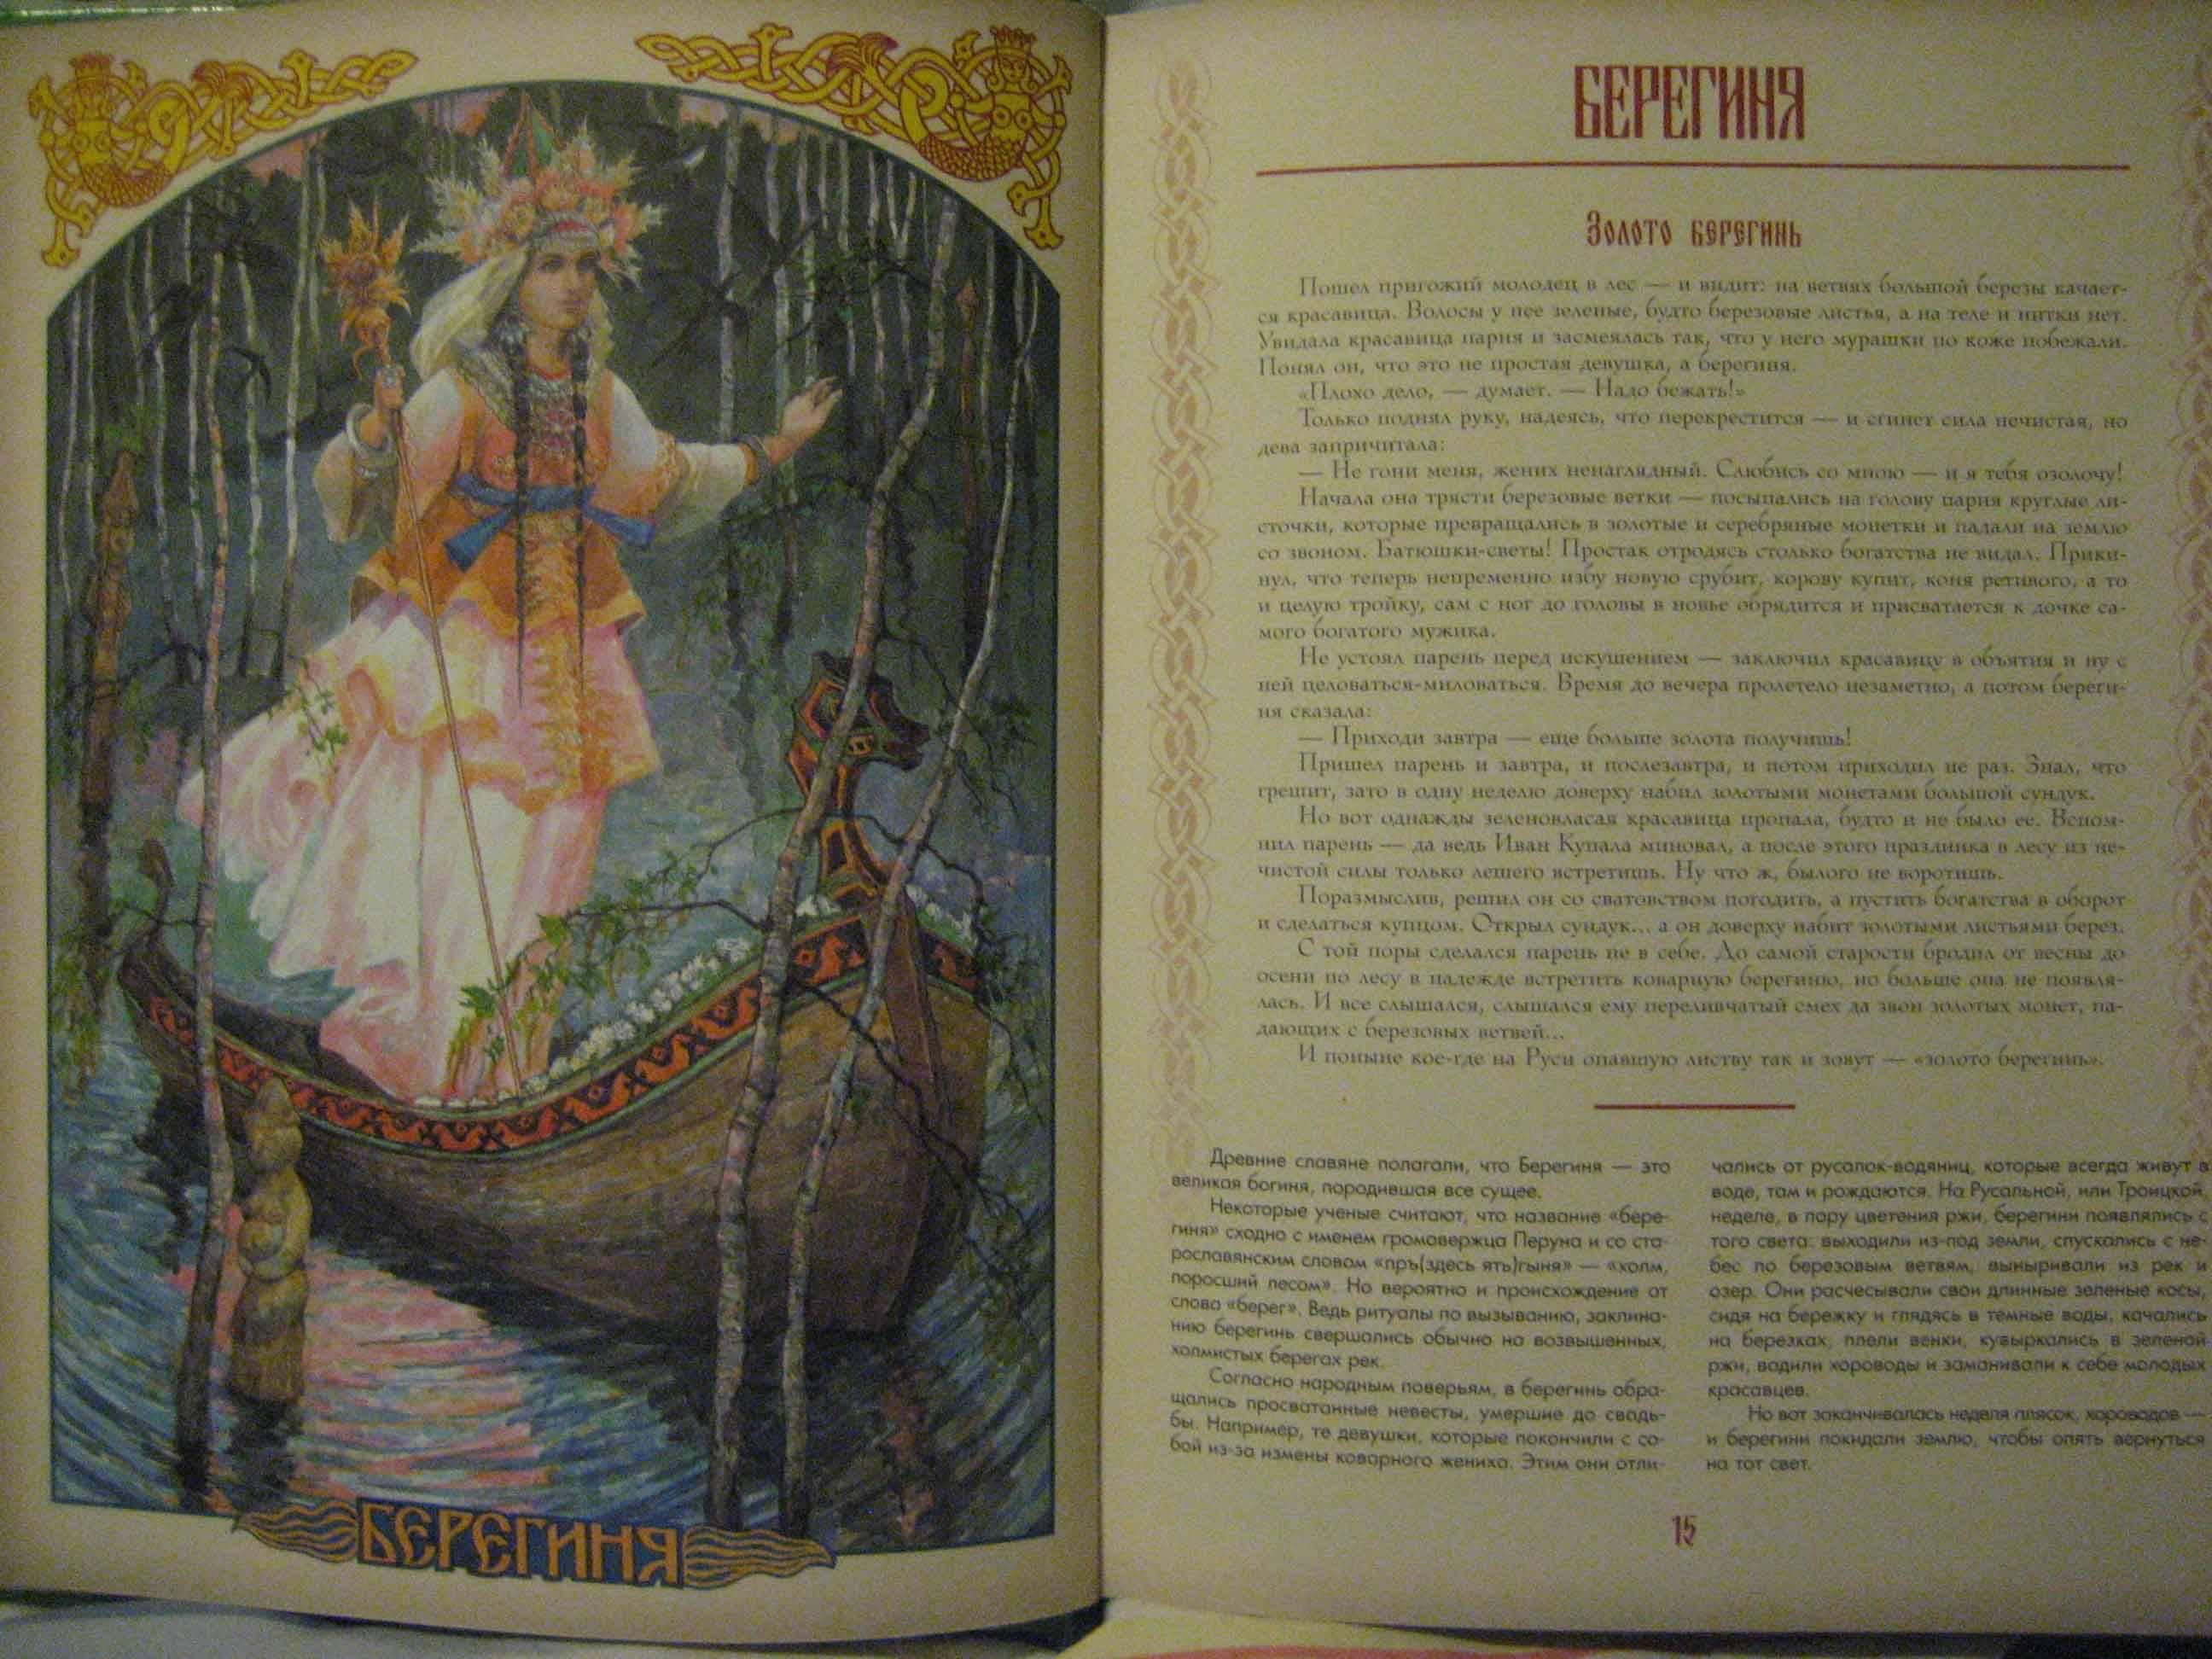 Расказы о мифах, Мифы древней греции 11 фотография